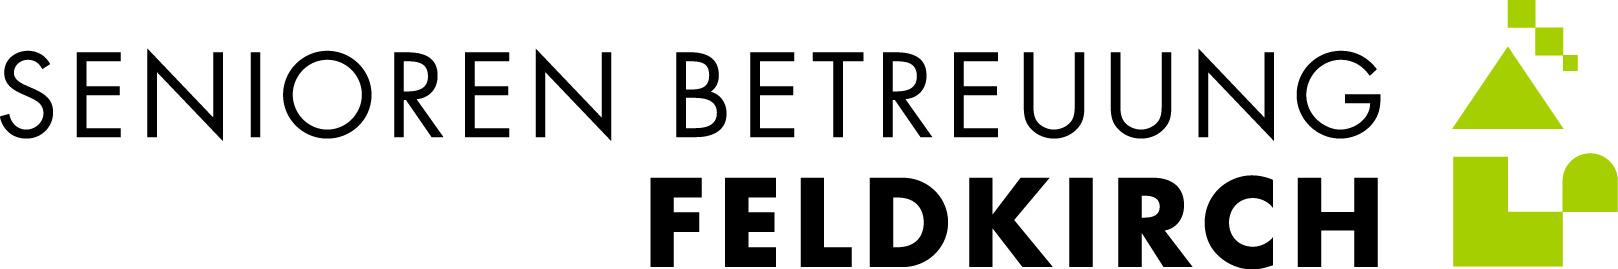 Logo Senioren Betreuung Feldkirch farbe